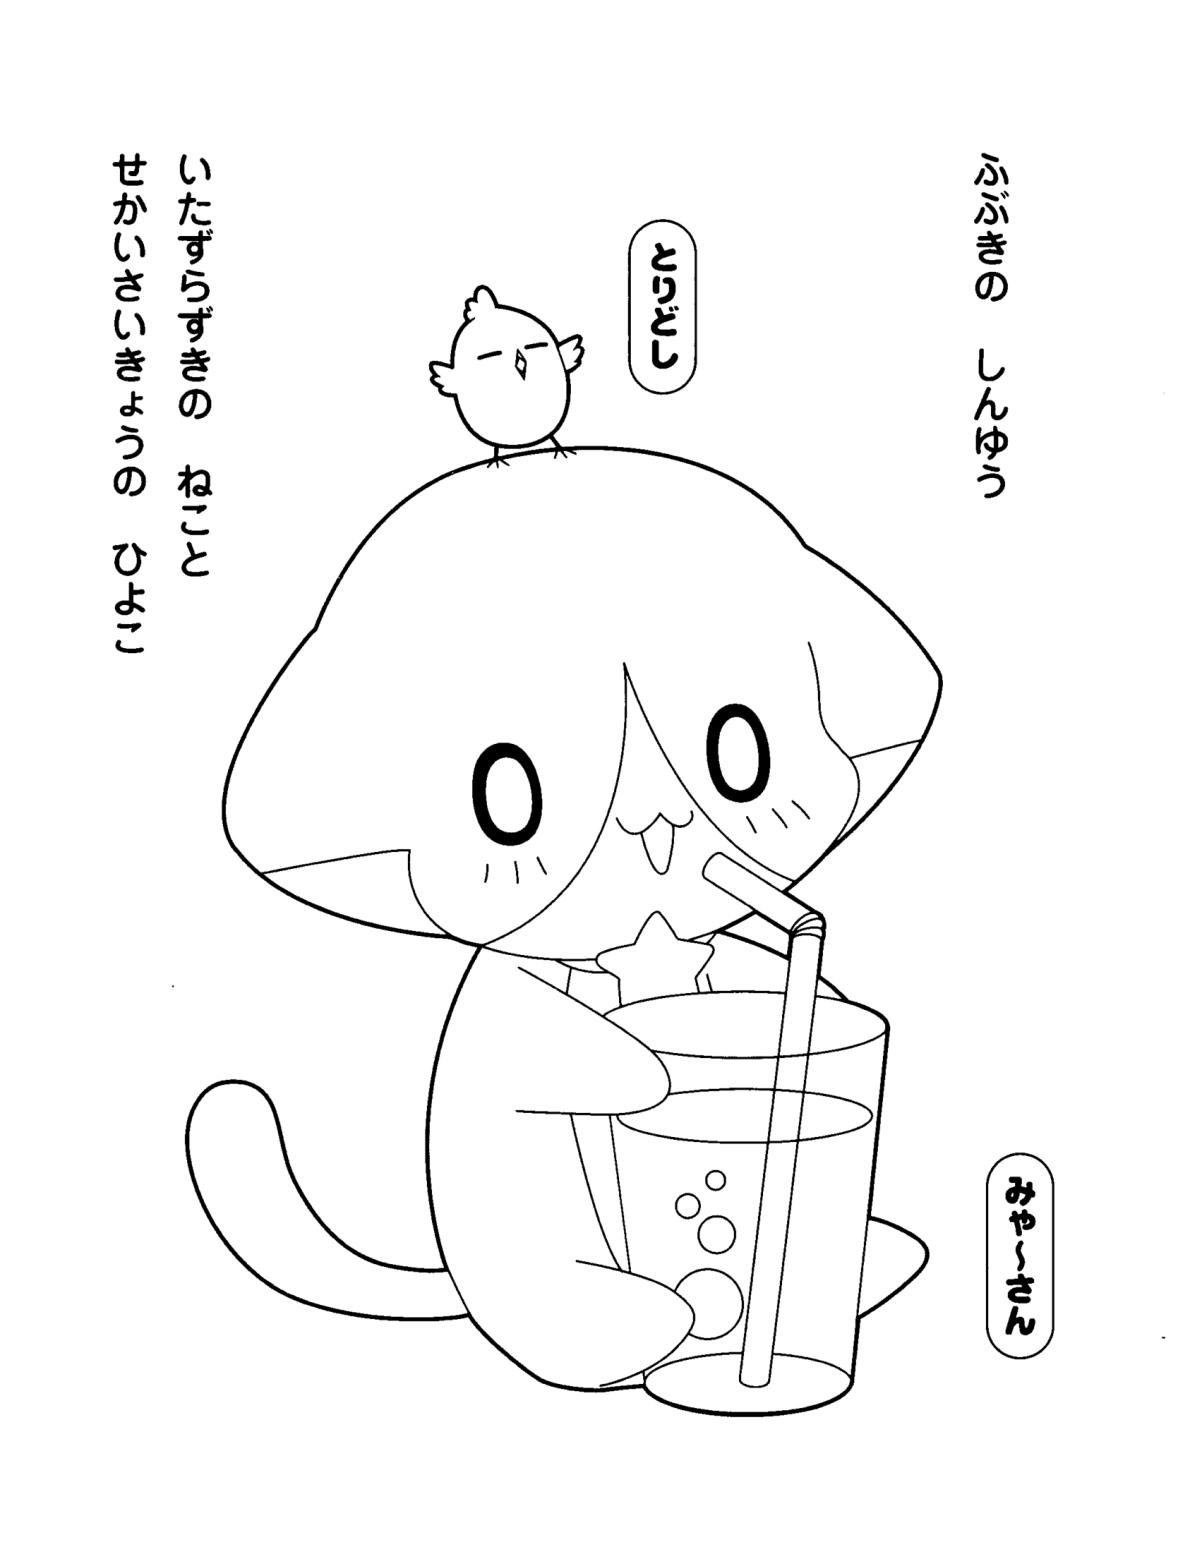 Immagini da colorare di kilari topmanga anime e manga - Carino facile colorare le pagine ...